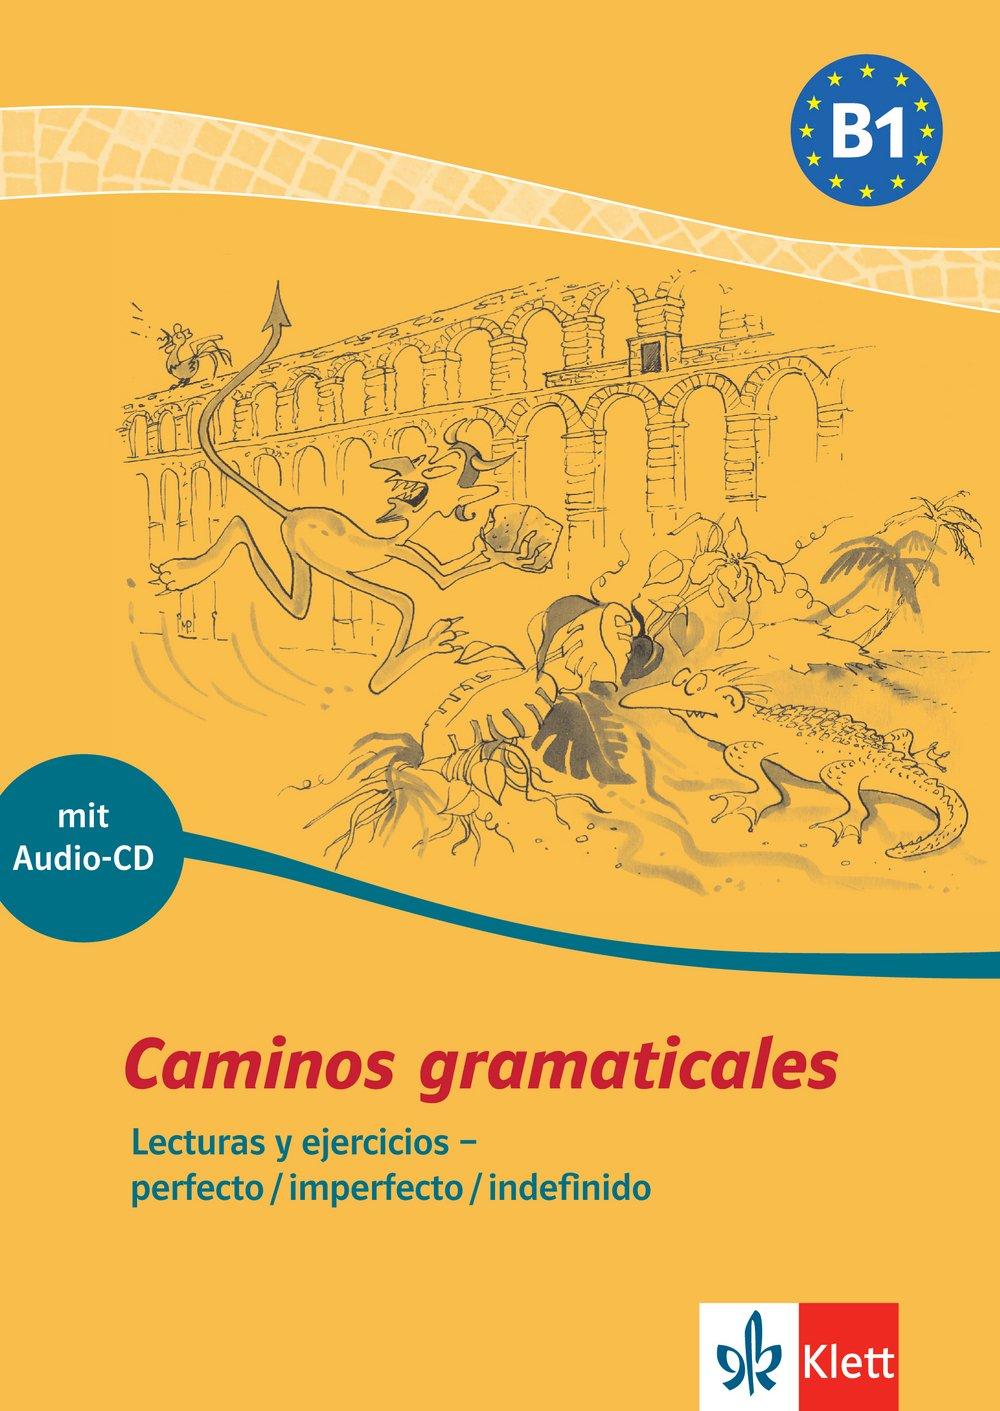 Caminos gramaticales B1: Lecturas y ejercicios - perfecto/imperfecto/indefinido. Heft + Audio-CD